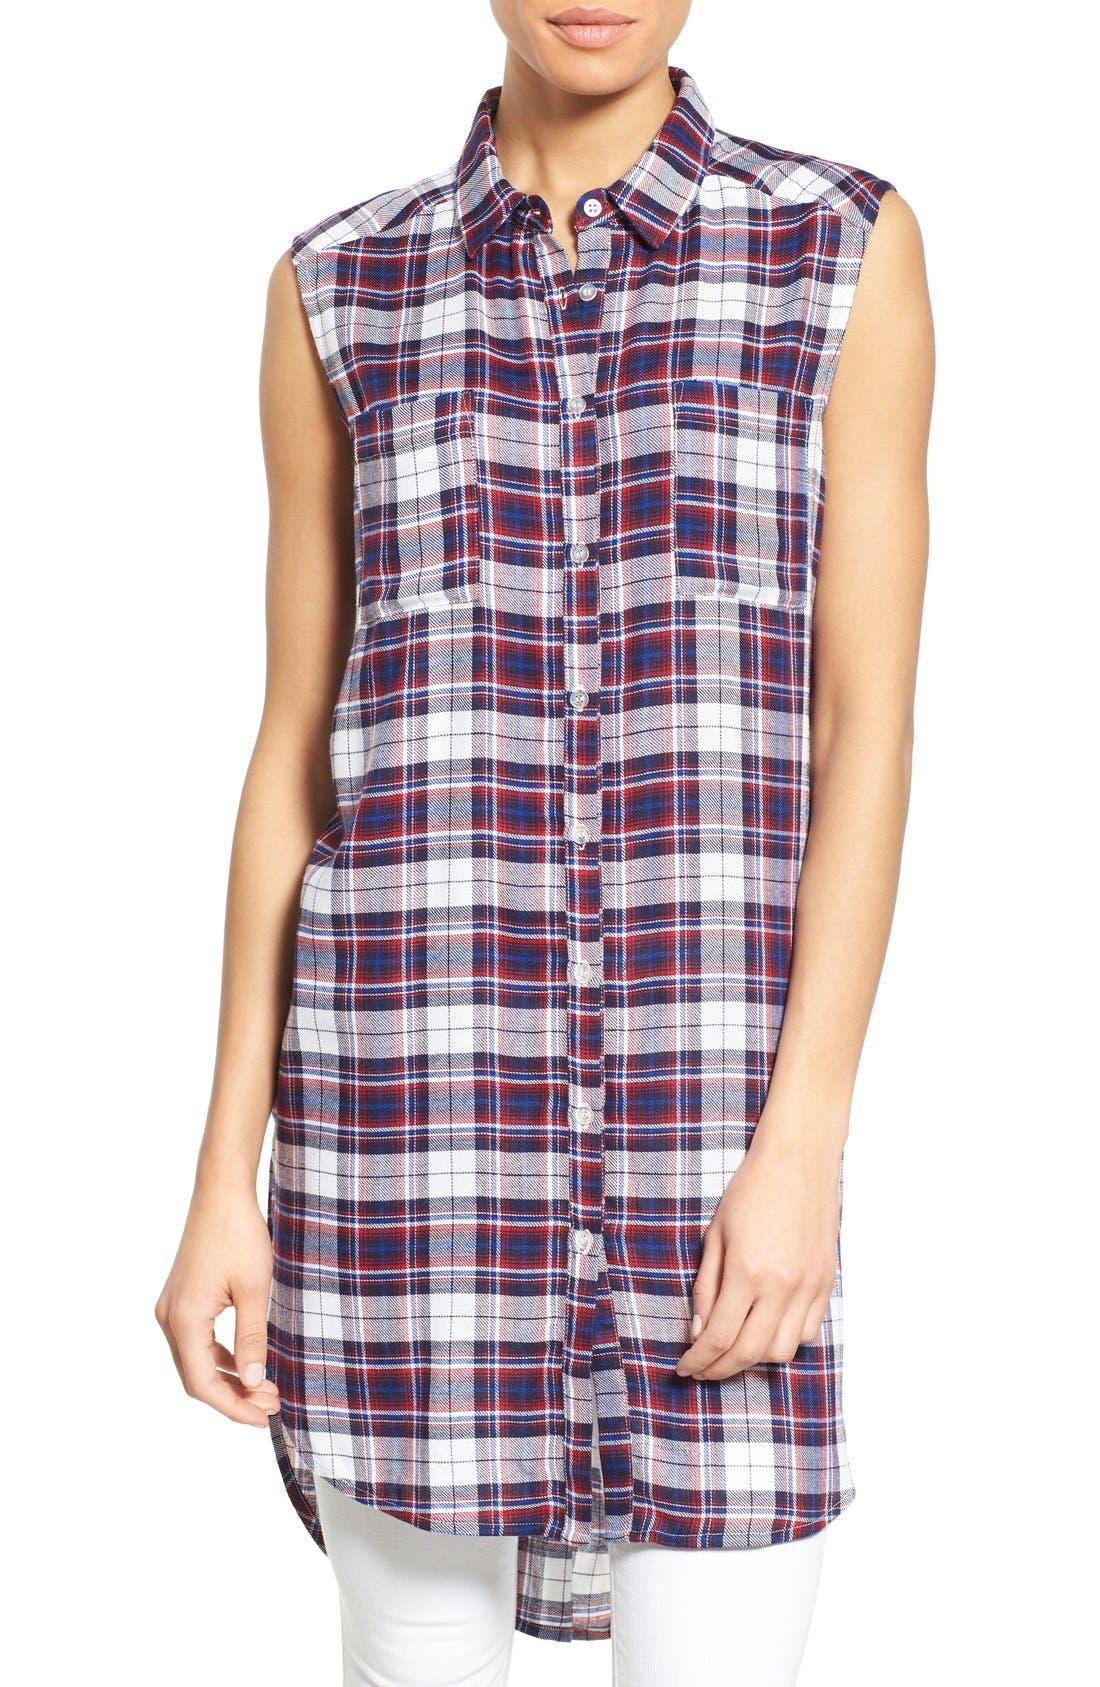 Alternate Image 1 Selected - Bobeau Plaid Two Pocket Sleeveless Tunic Shirt